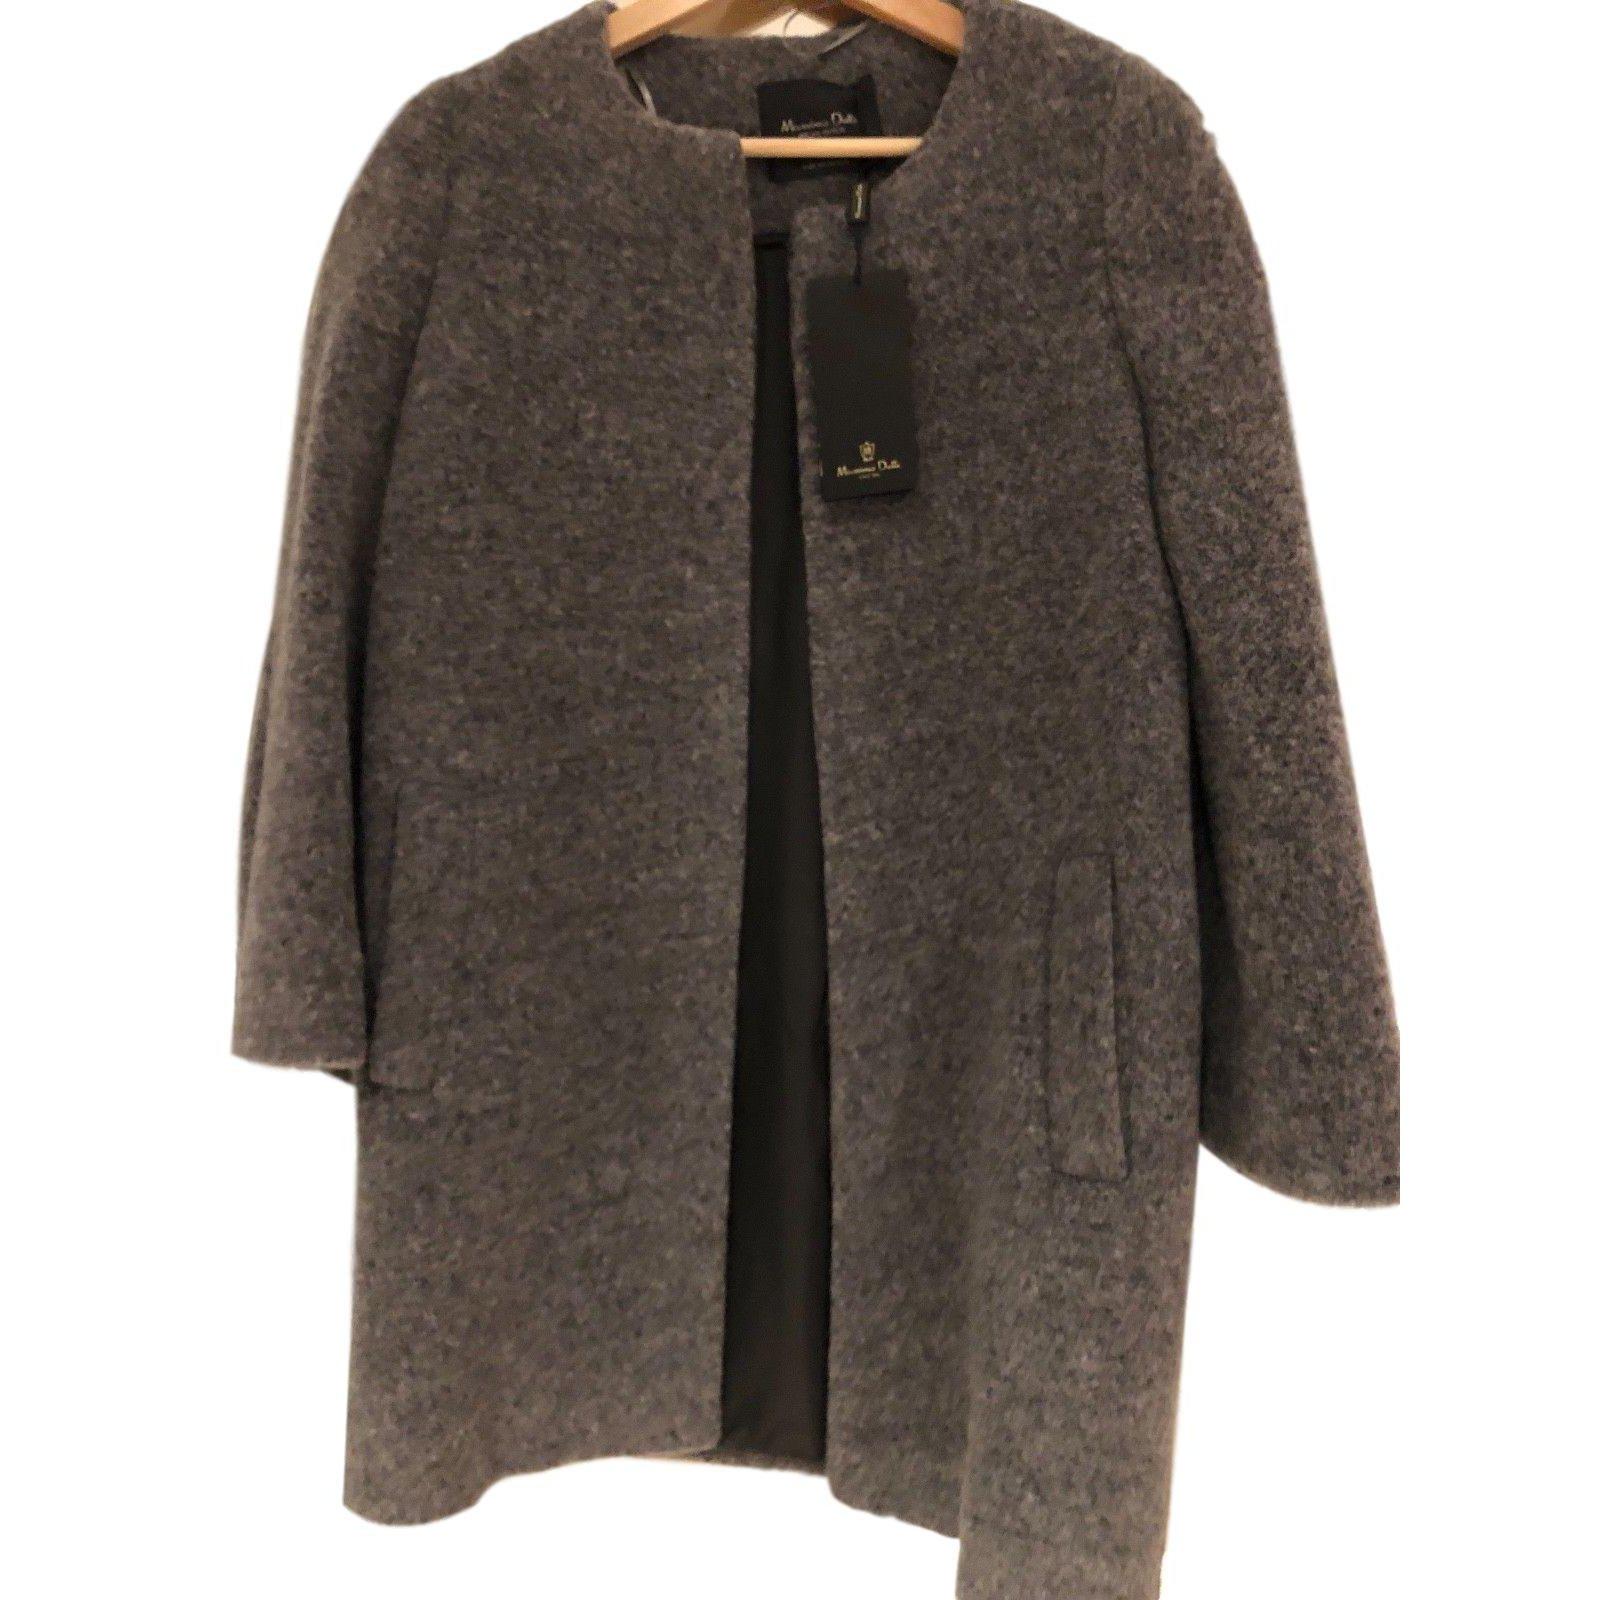 manteau femme massimo dutti 75 laine